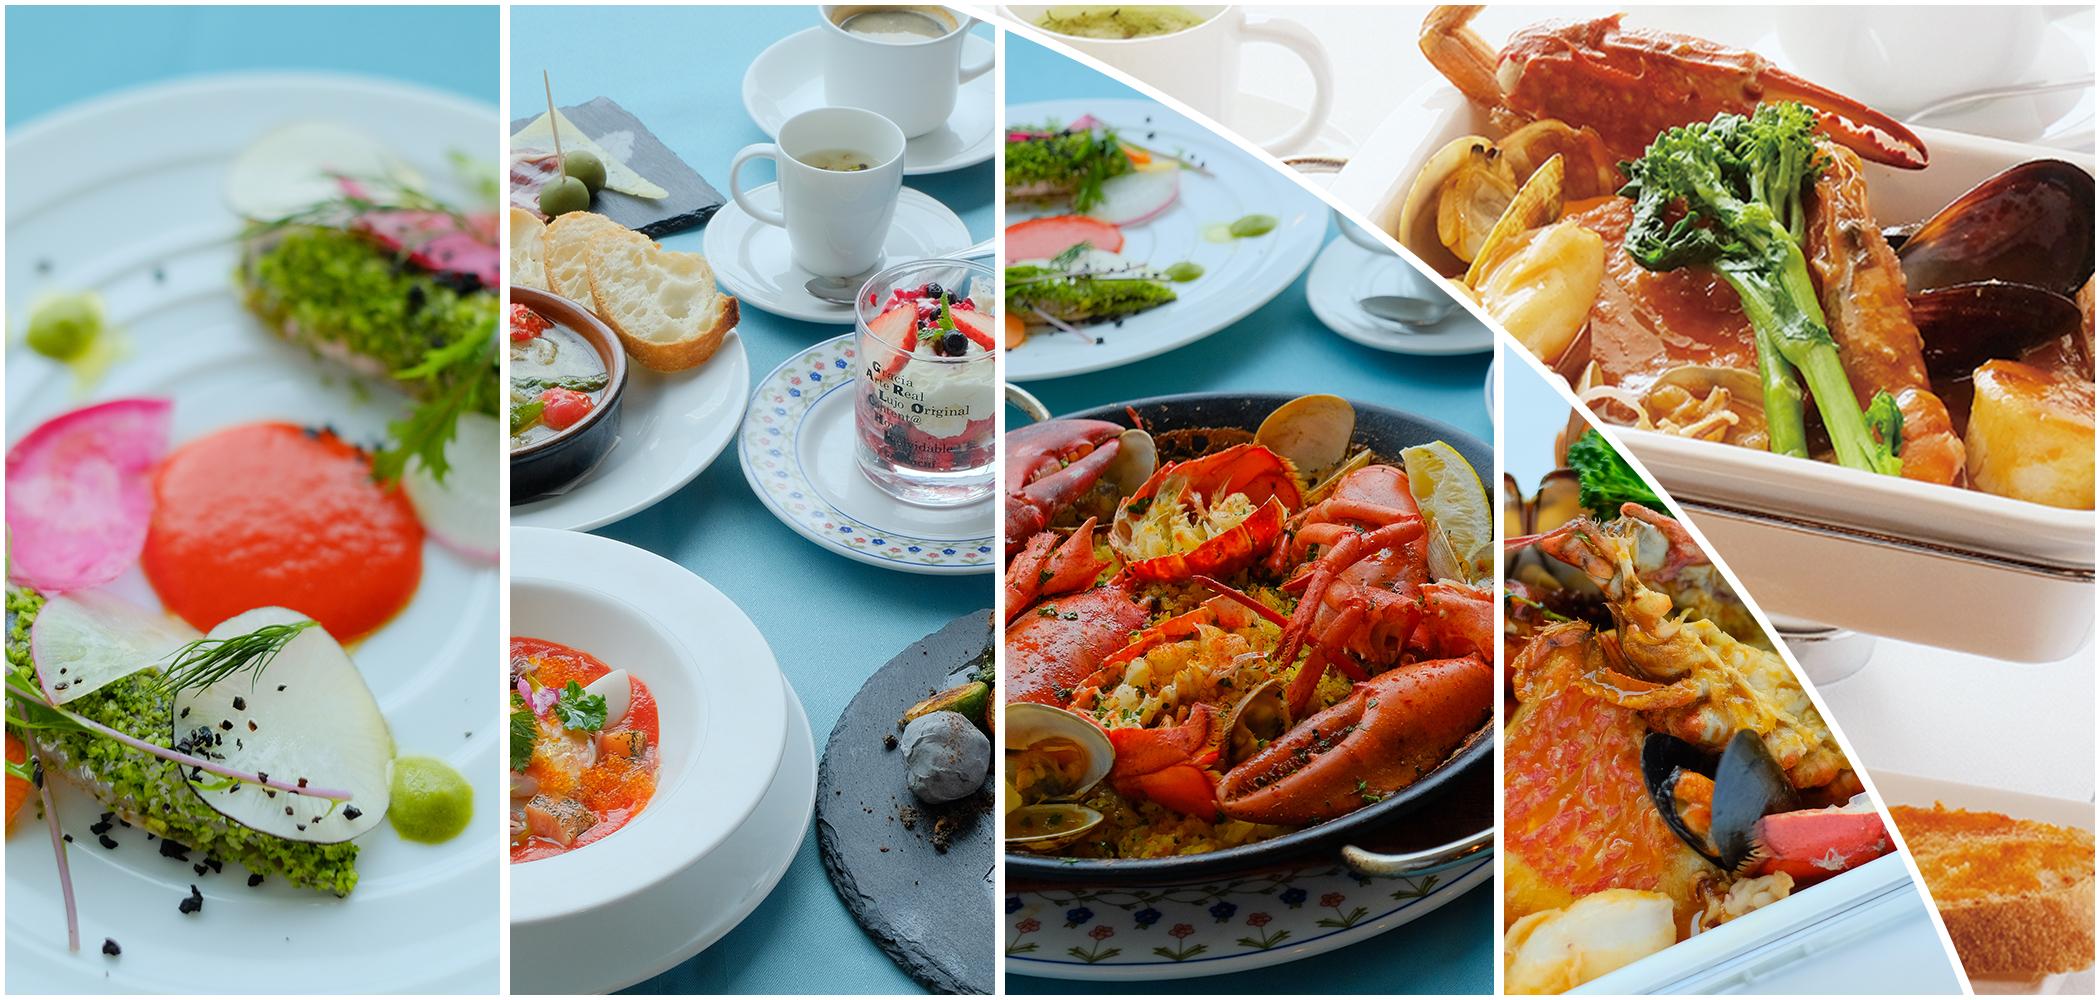 ガルロチ風スペイン料理のご案内